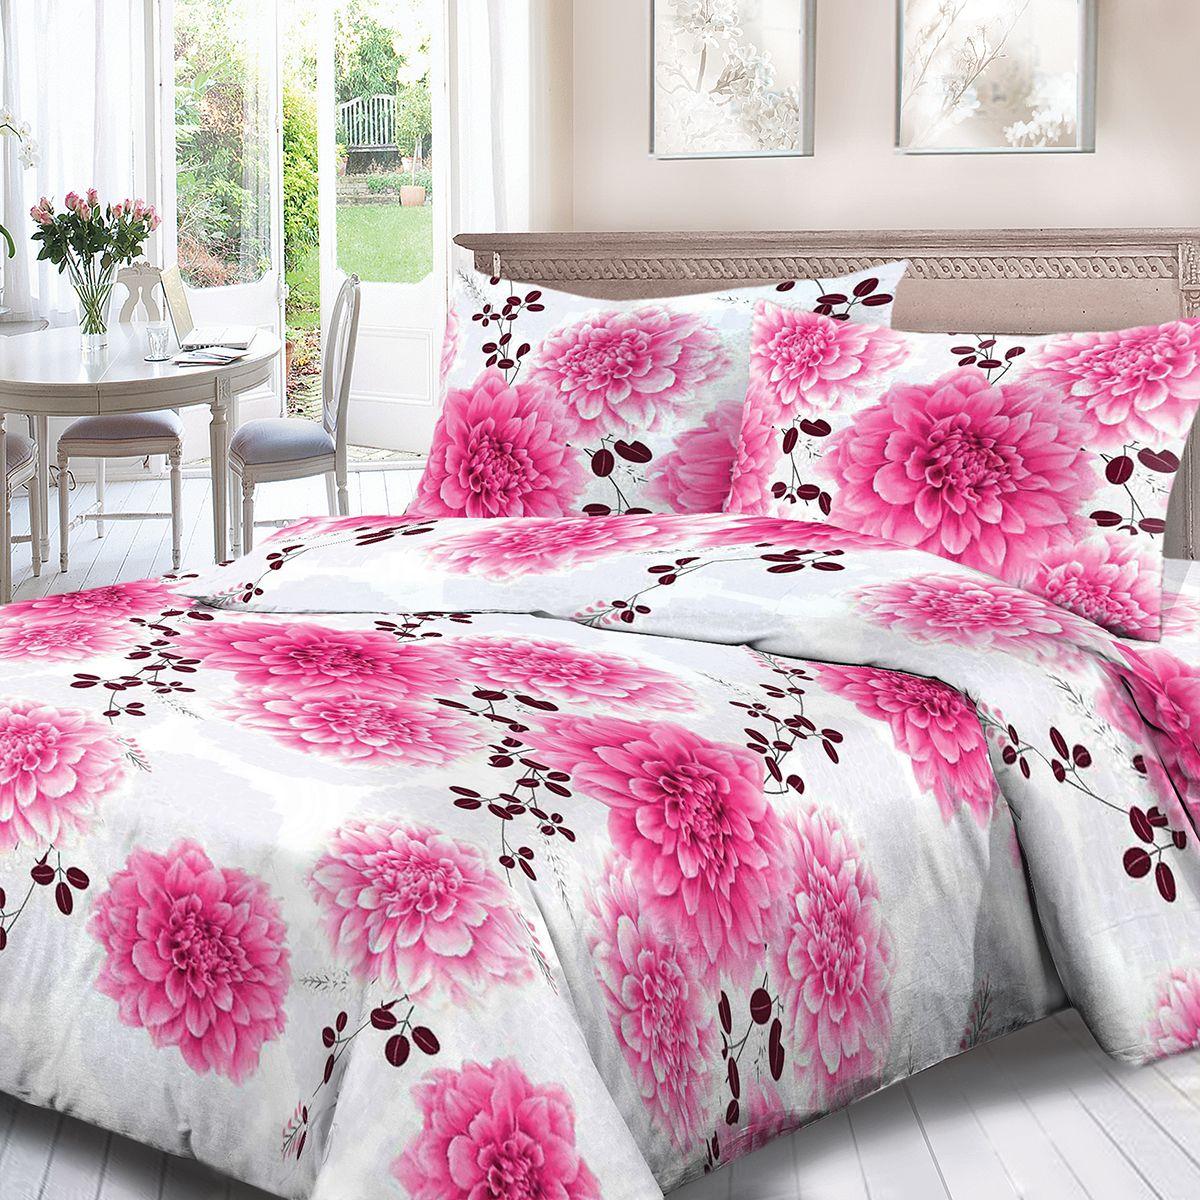 Комплект белья Для Снов Флер, 2-спальное, наволочки 70x70, цвет: розовый10503Постельное белье из высококачественного поплина ( Ткань Традиция) , в составе которого находится только 100% мерсеризованный хлопок - это идеальный выбор современной женщины. Мерсеризация подчеркивает лучшие свойства хлопка:- Ткань прочнее обычной, при этом мягкая и шелковистая;- Цвета яркие и устойчивые;- Высокая гигроскопичность;- Меньше мнется, не линяет и не садится при многократных стирках;При производстве используются только безопасные красители ведущего швейцарского производителя BEZEMAКоллекция отличается тщательно проработанными современными дизайнами, разделенными на тематические группы. Созданные талантливыми европейскими и российскими художниками, они поражают своей нежной красотой, а восхитительная упаковка придает комплекту подарочный вид. Плотность ткани: 110 г/м.кв.